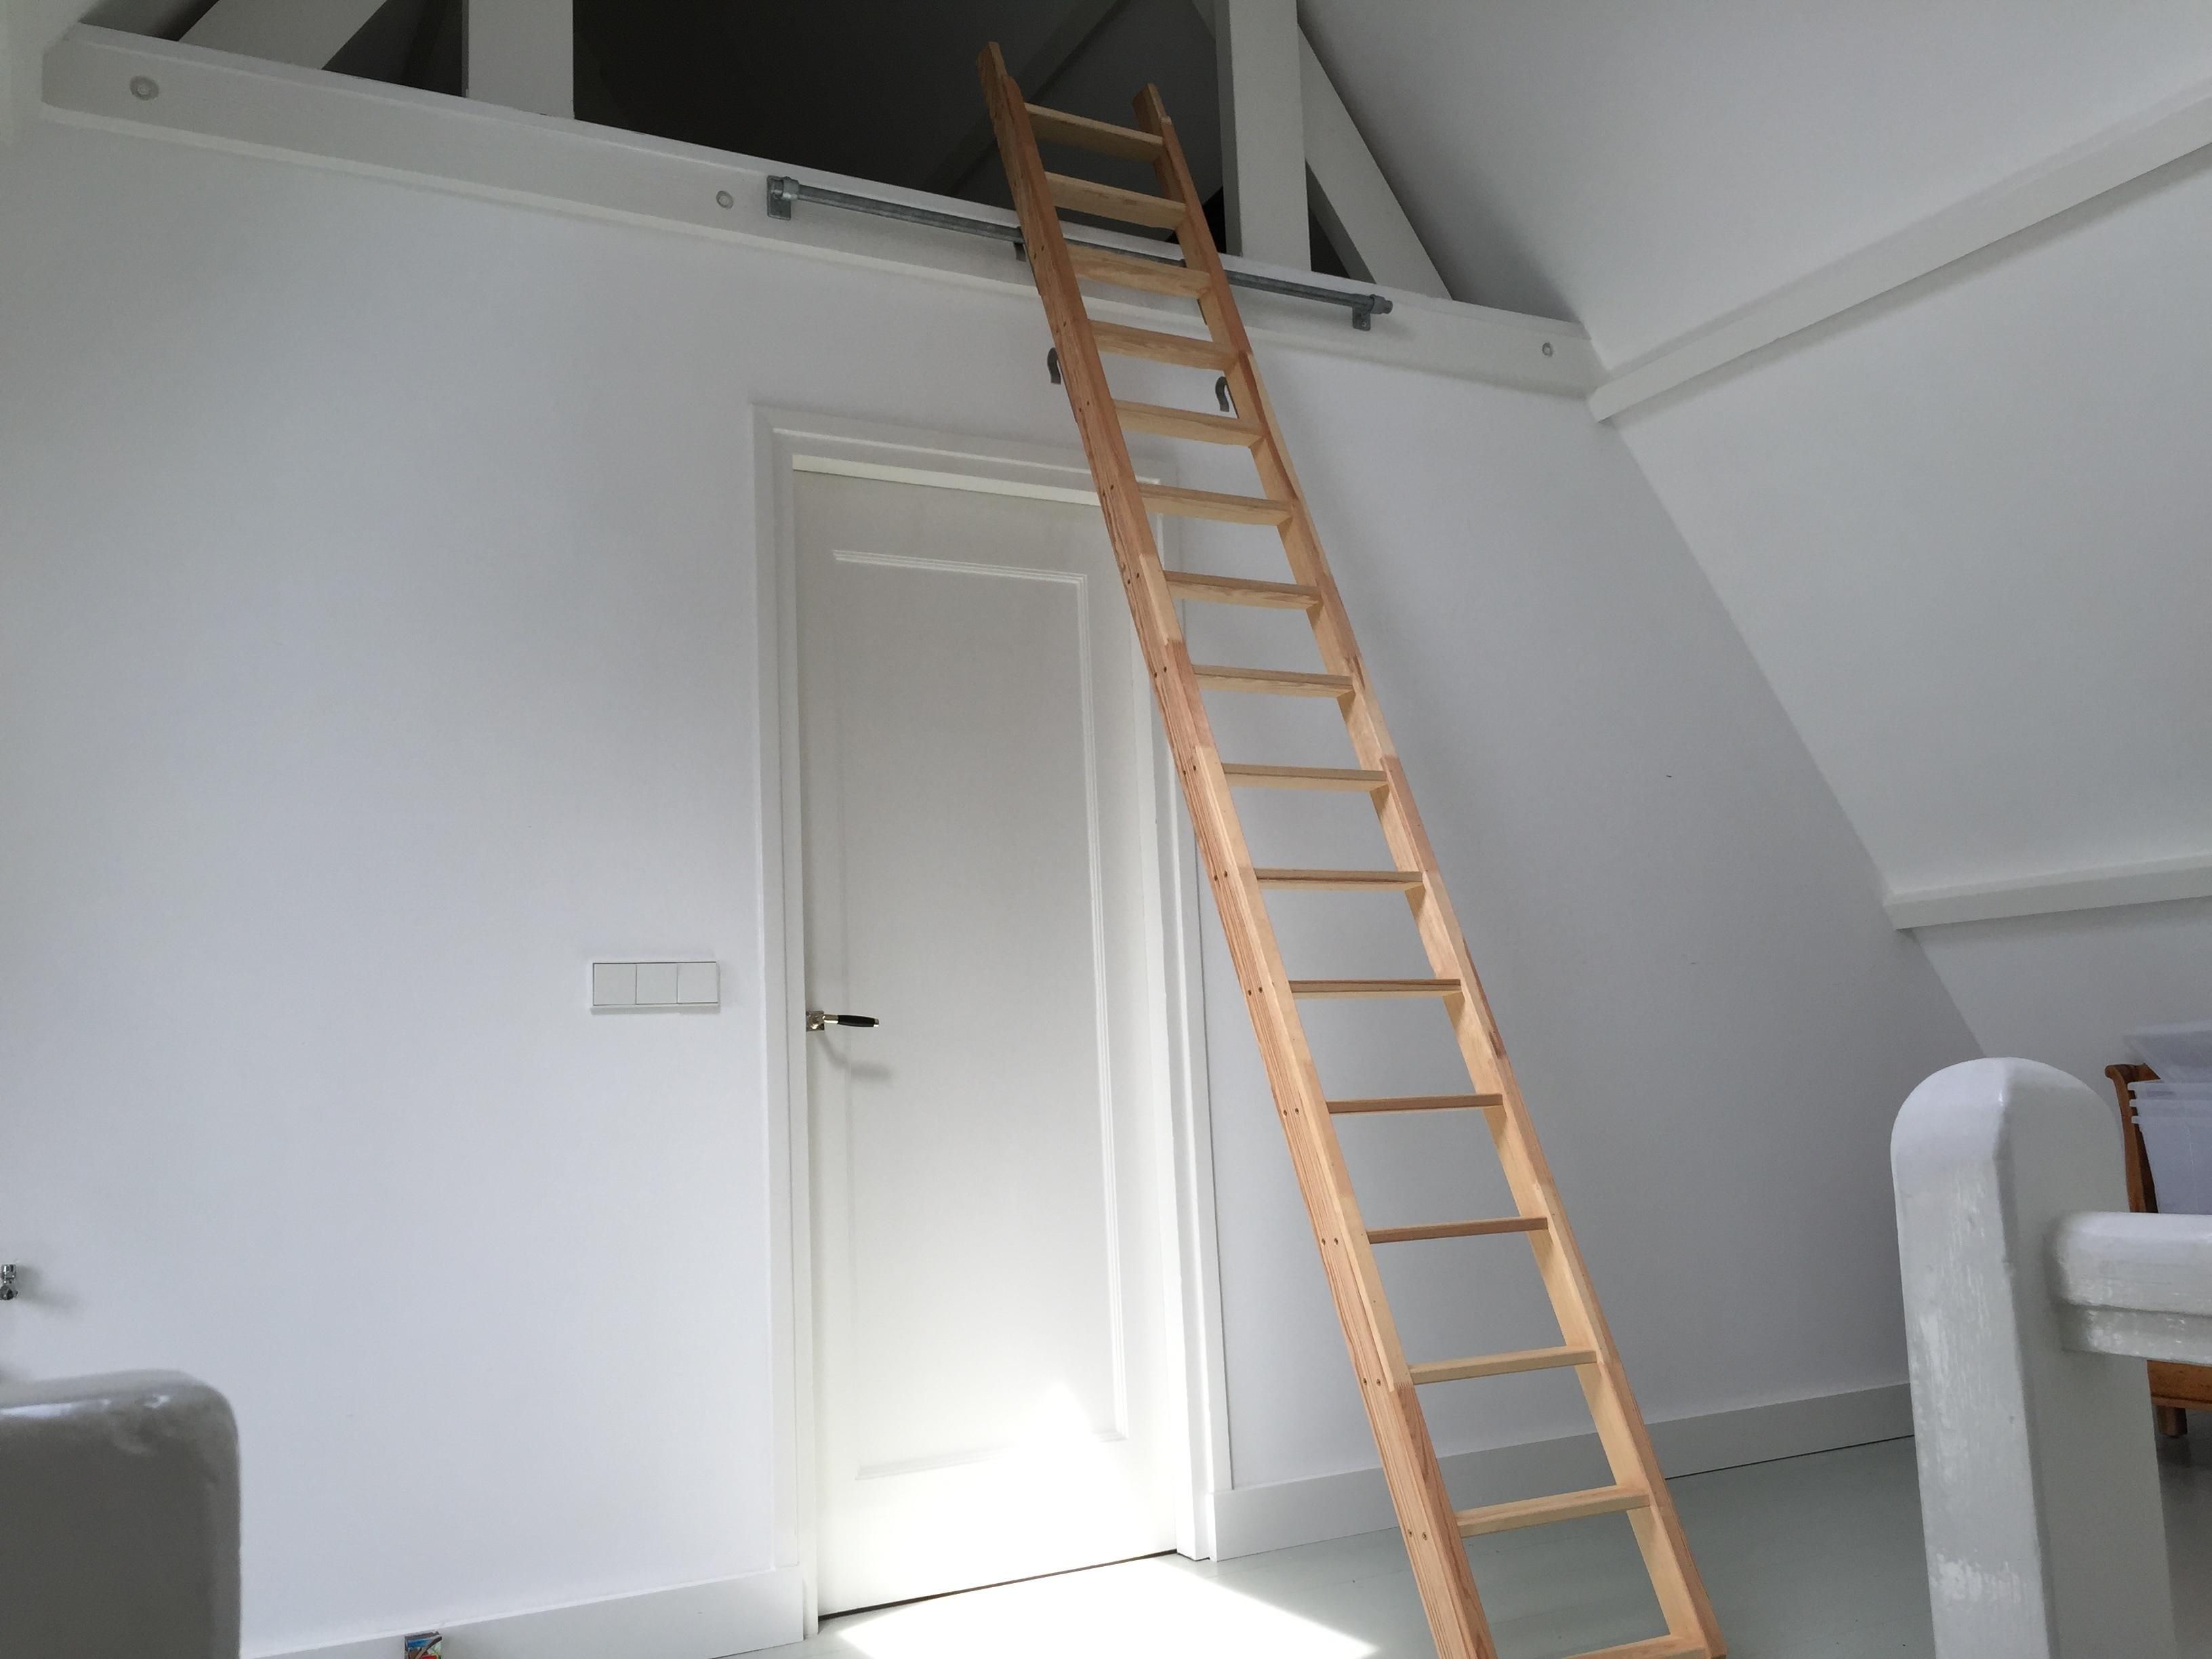 Extreem Zolder trap / ladder | voordemakers.nl @RA85